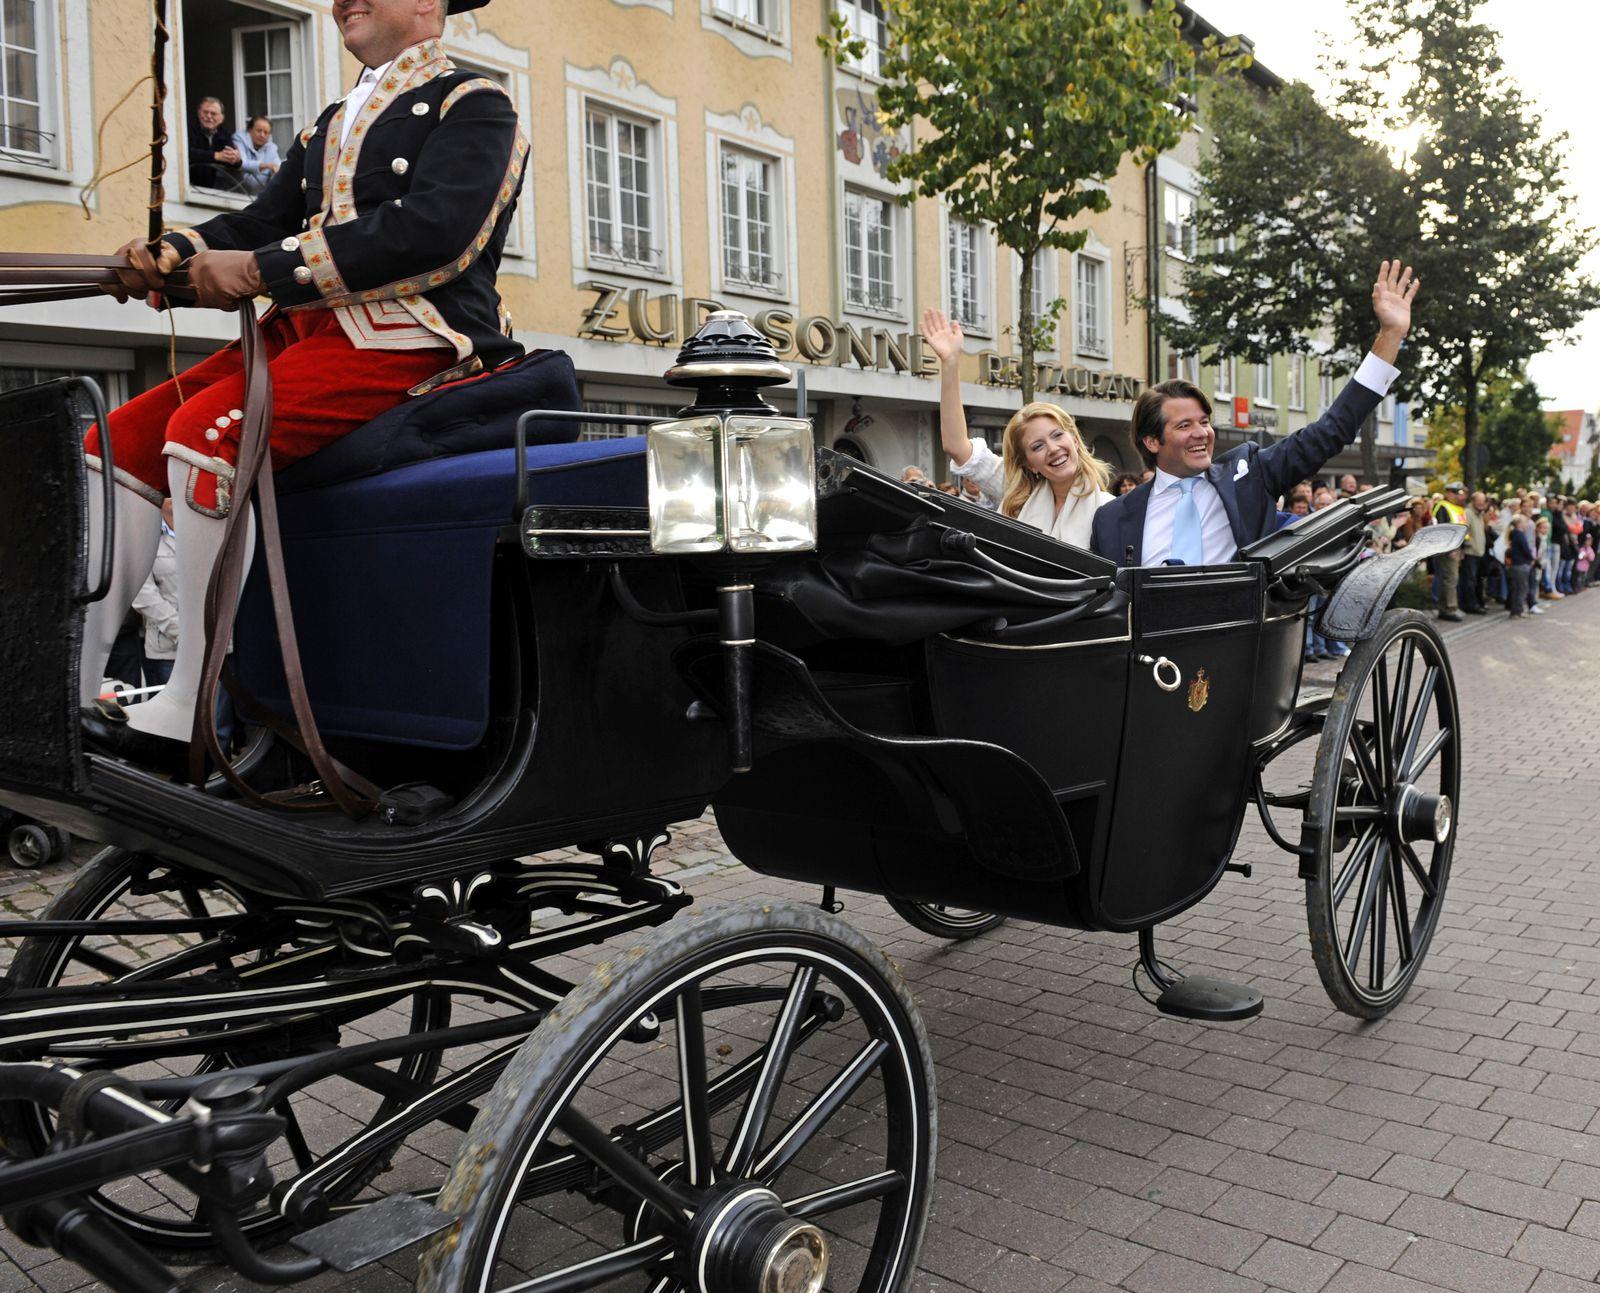 AUFMACHER Hochzeit Erbprinz Christian zu Fürstenberg